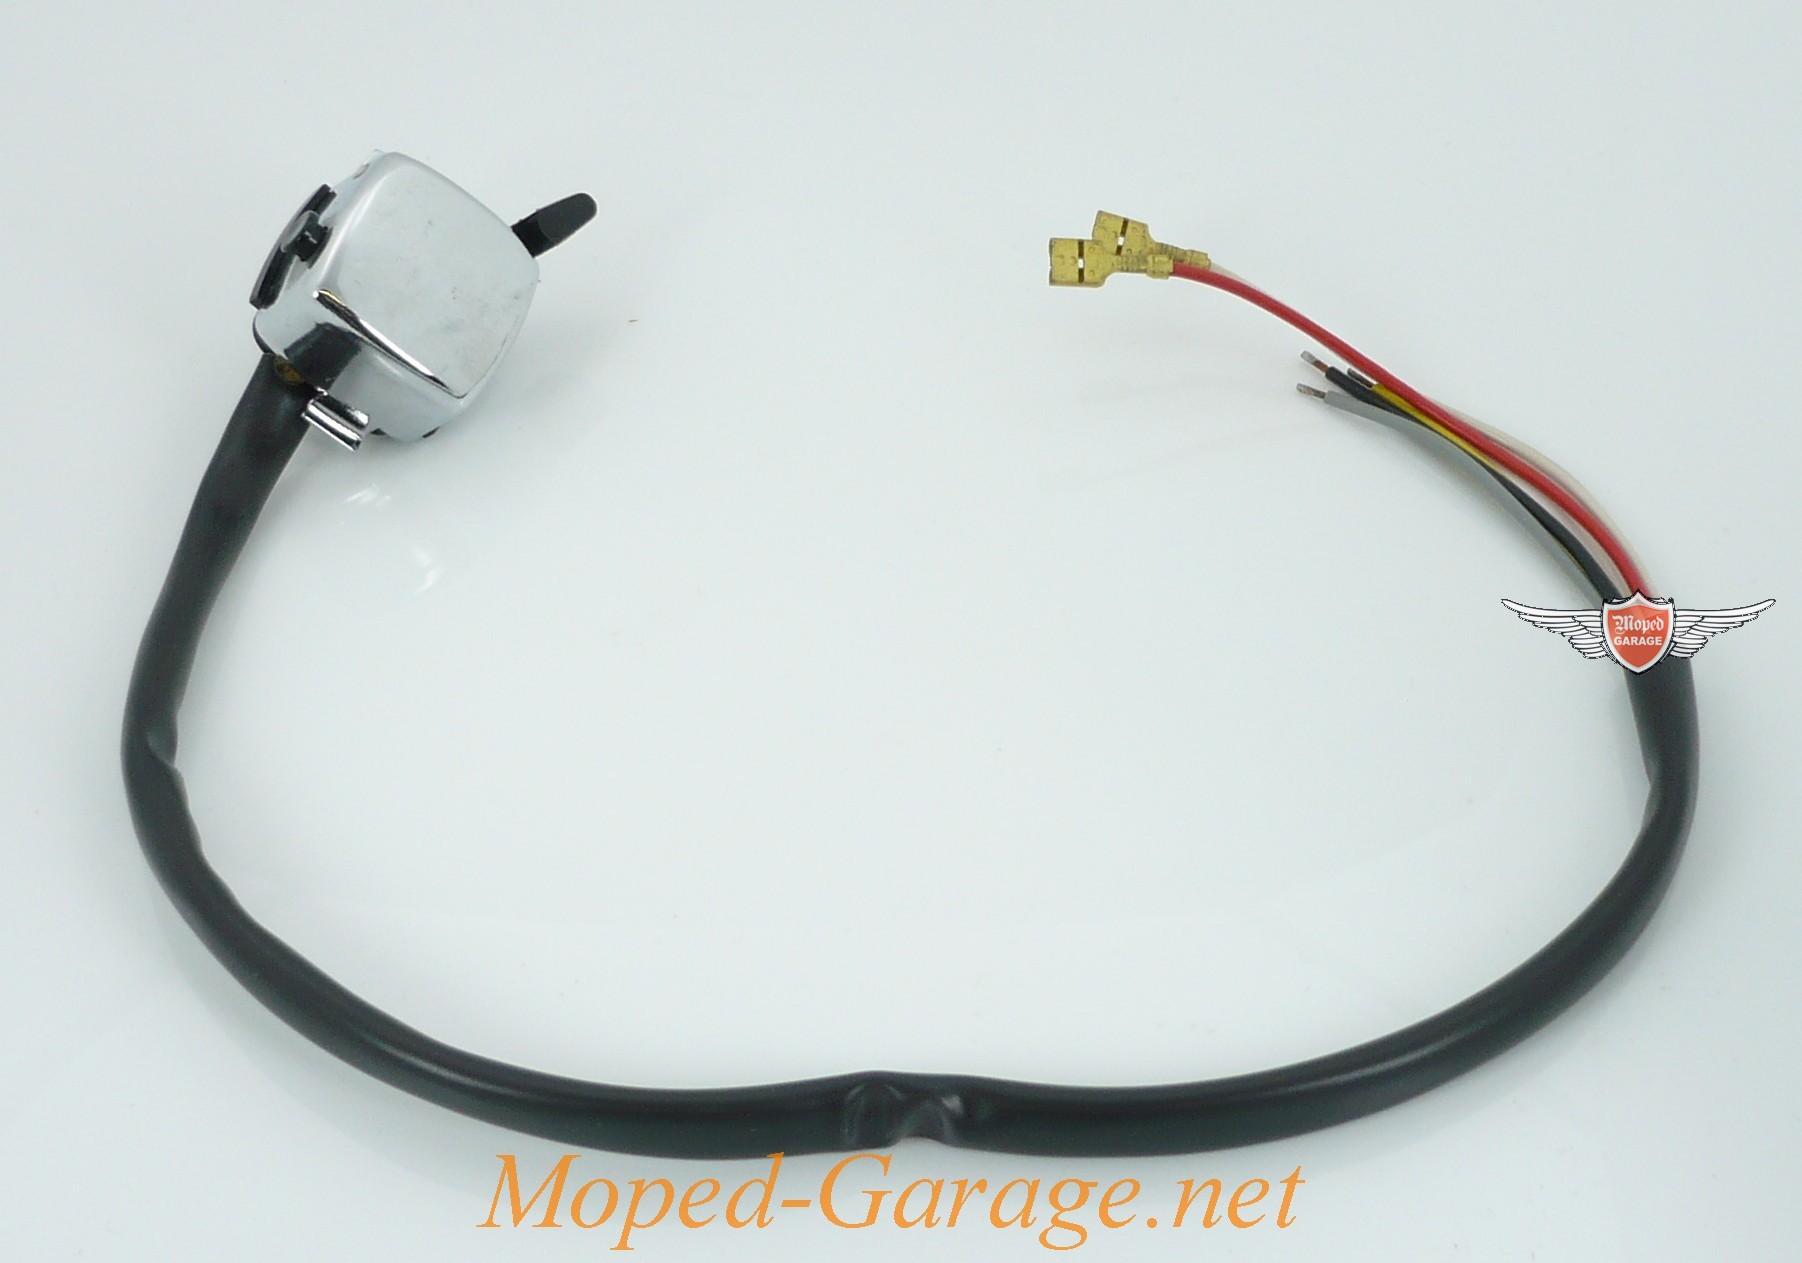 Moped Garage Net Kreidler Florett Rs Rmc Lf Lh Rm Lenker